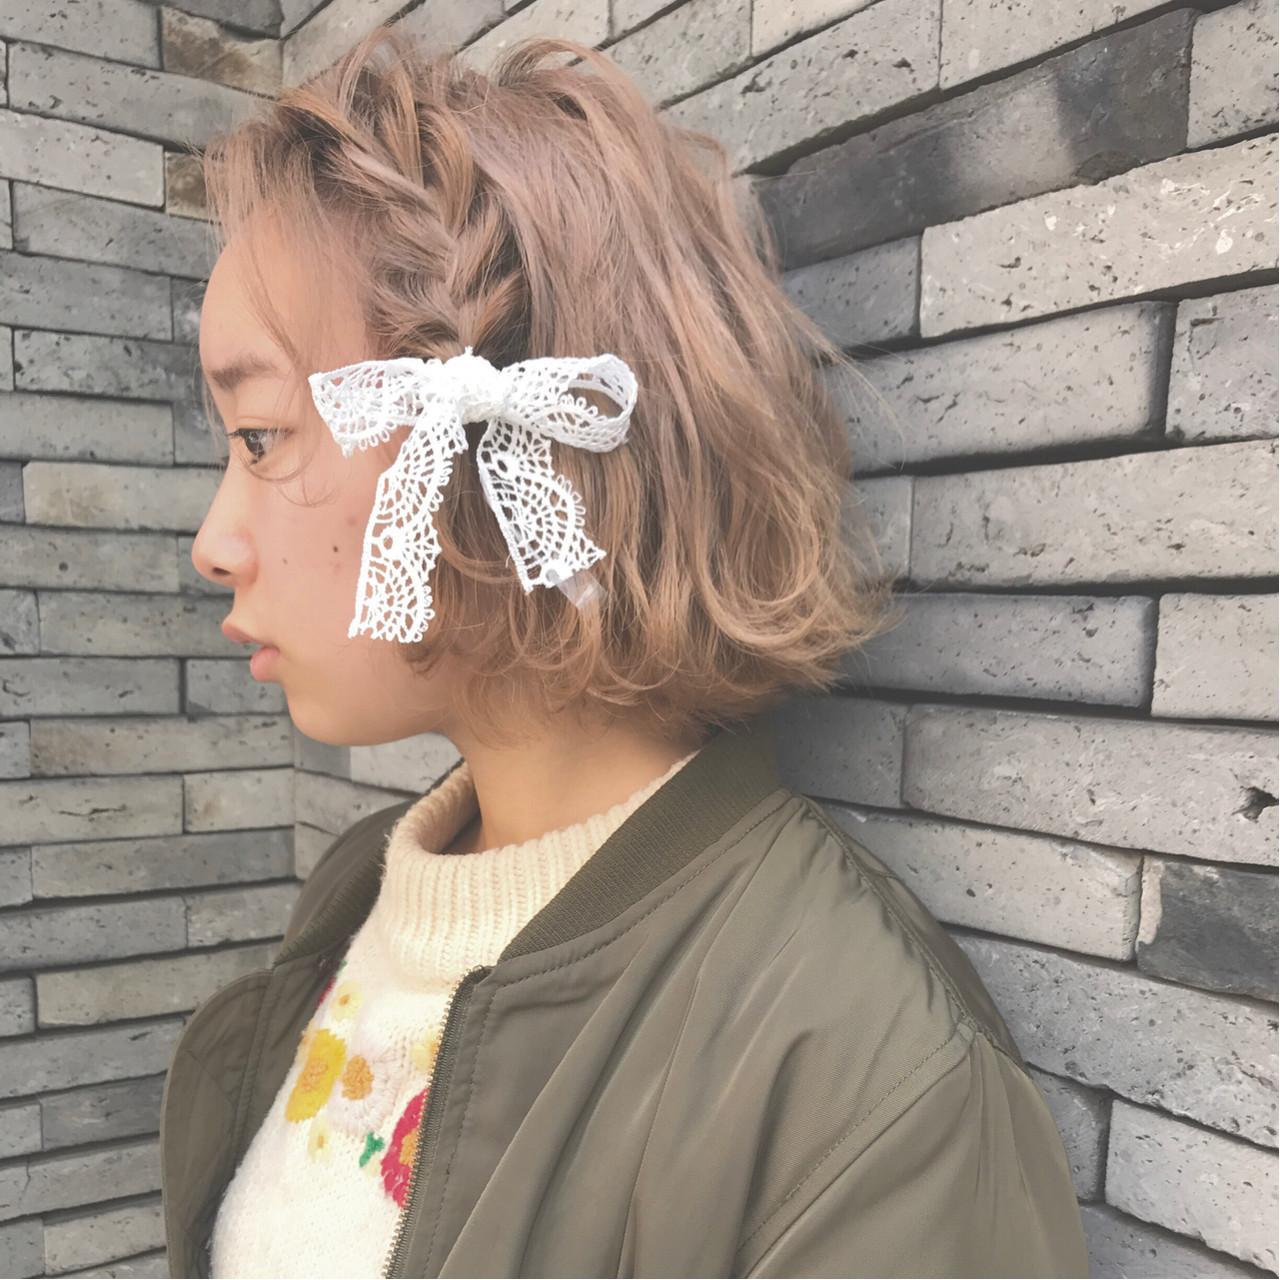 ボブ 編み込み ガーリー ヘアアレンジ ヘアスタイルや髪型の写真・画像